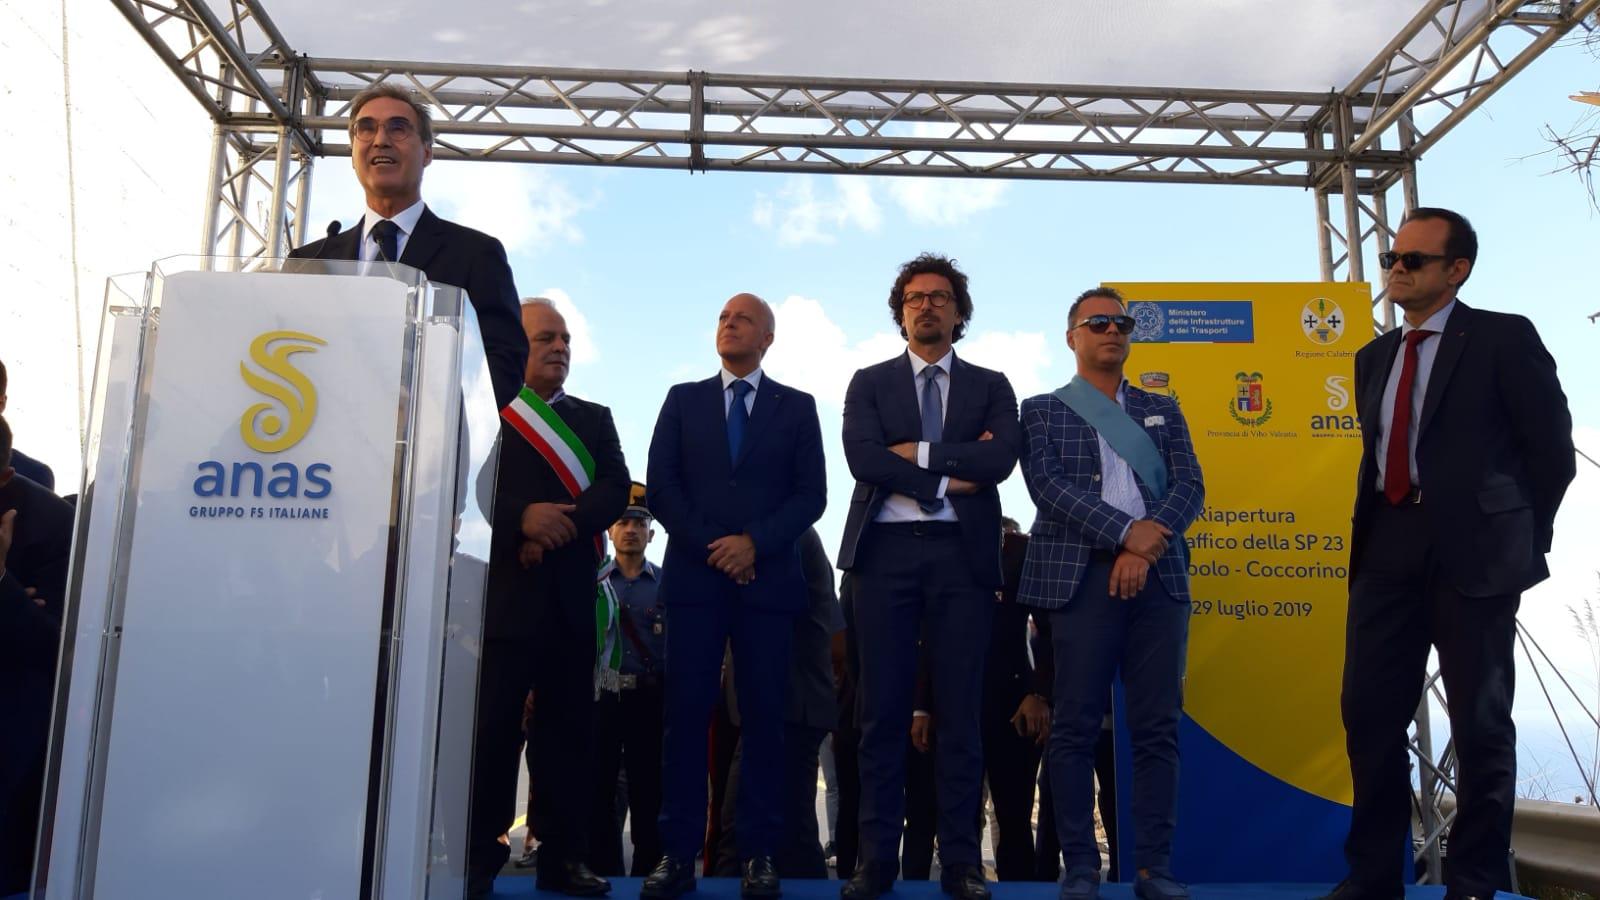 Foto di Massimo Simonini Amministratore delegato Anas all'apertura della Sp 23 Joppolo Coccorino